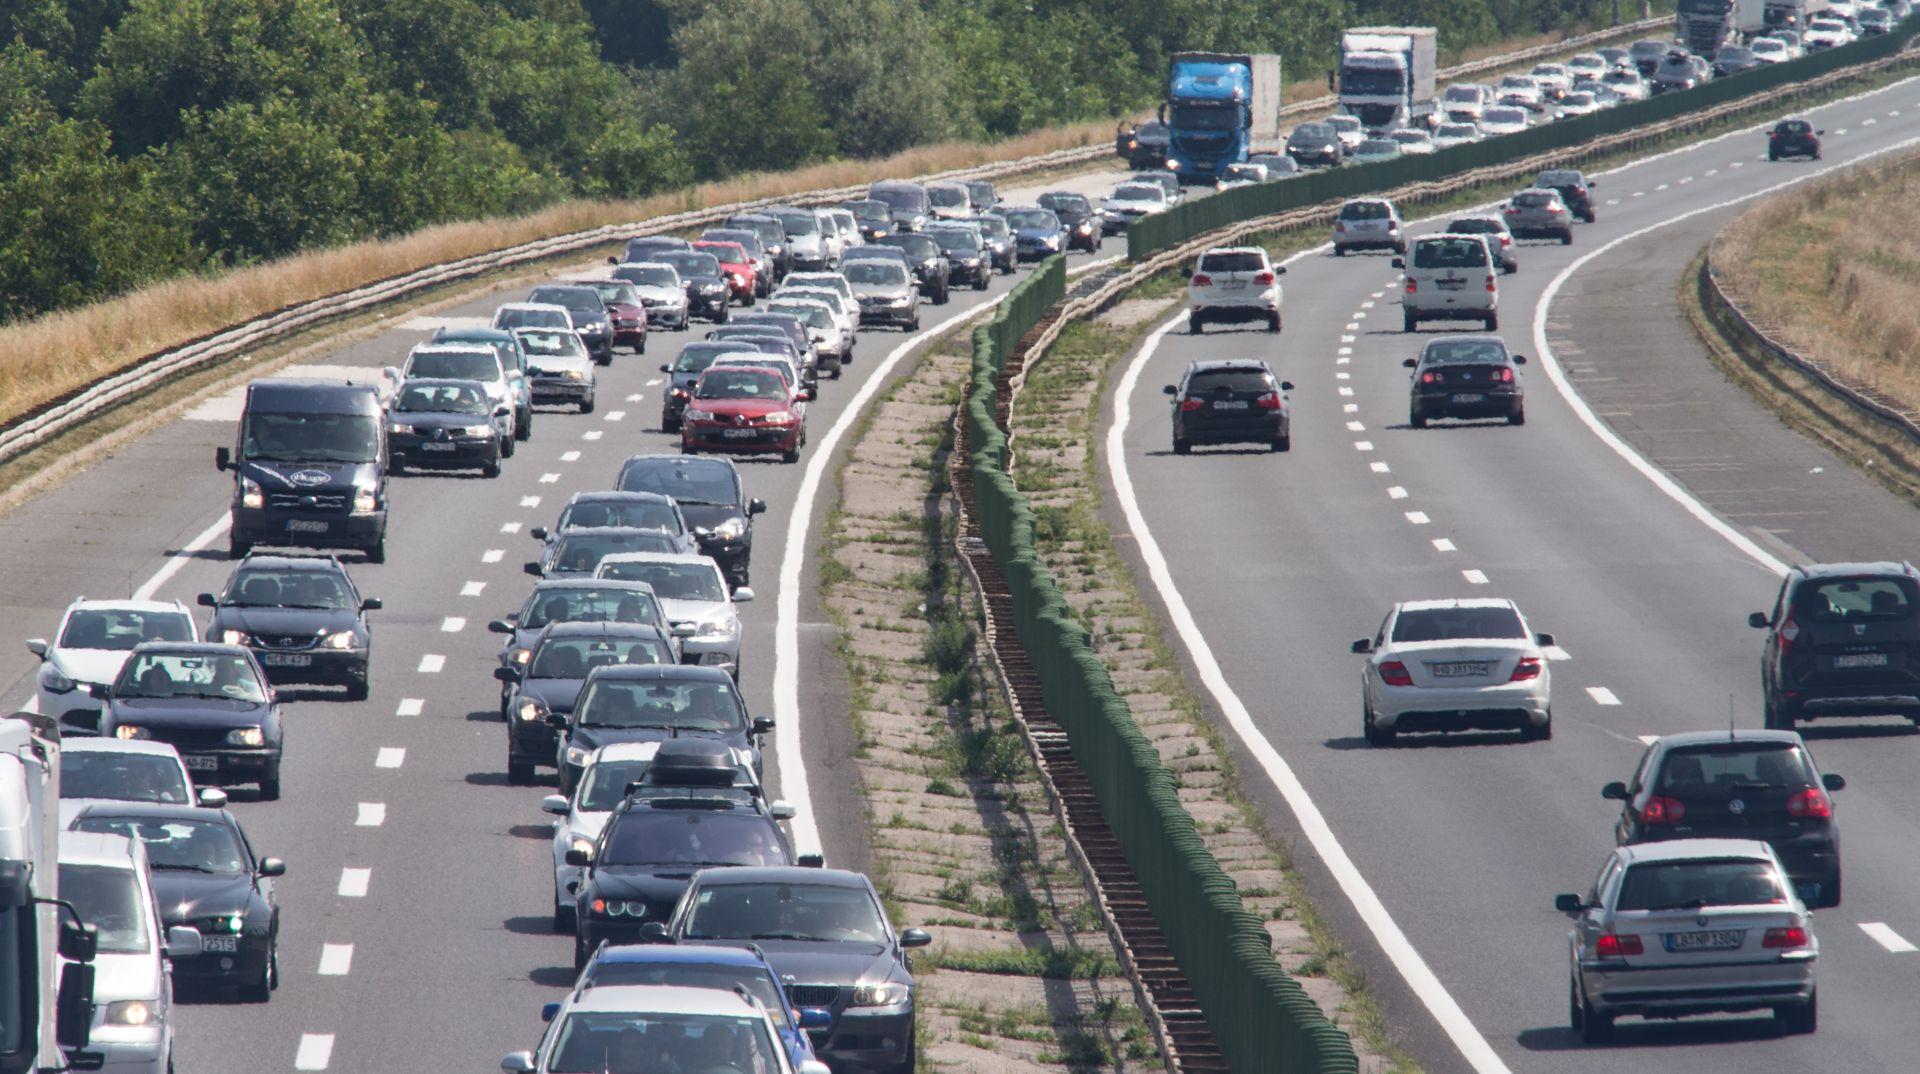 NA LUČKOM KOLONA 5 KILOMETARA Na svim hrvatskim cestama promet gust, vozi se u kolonama, gužve i na granicama i lukama